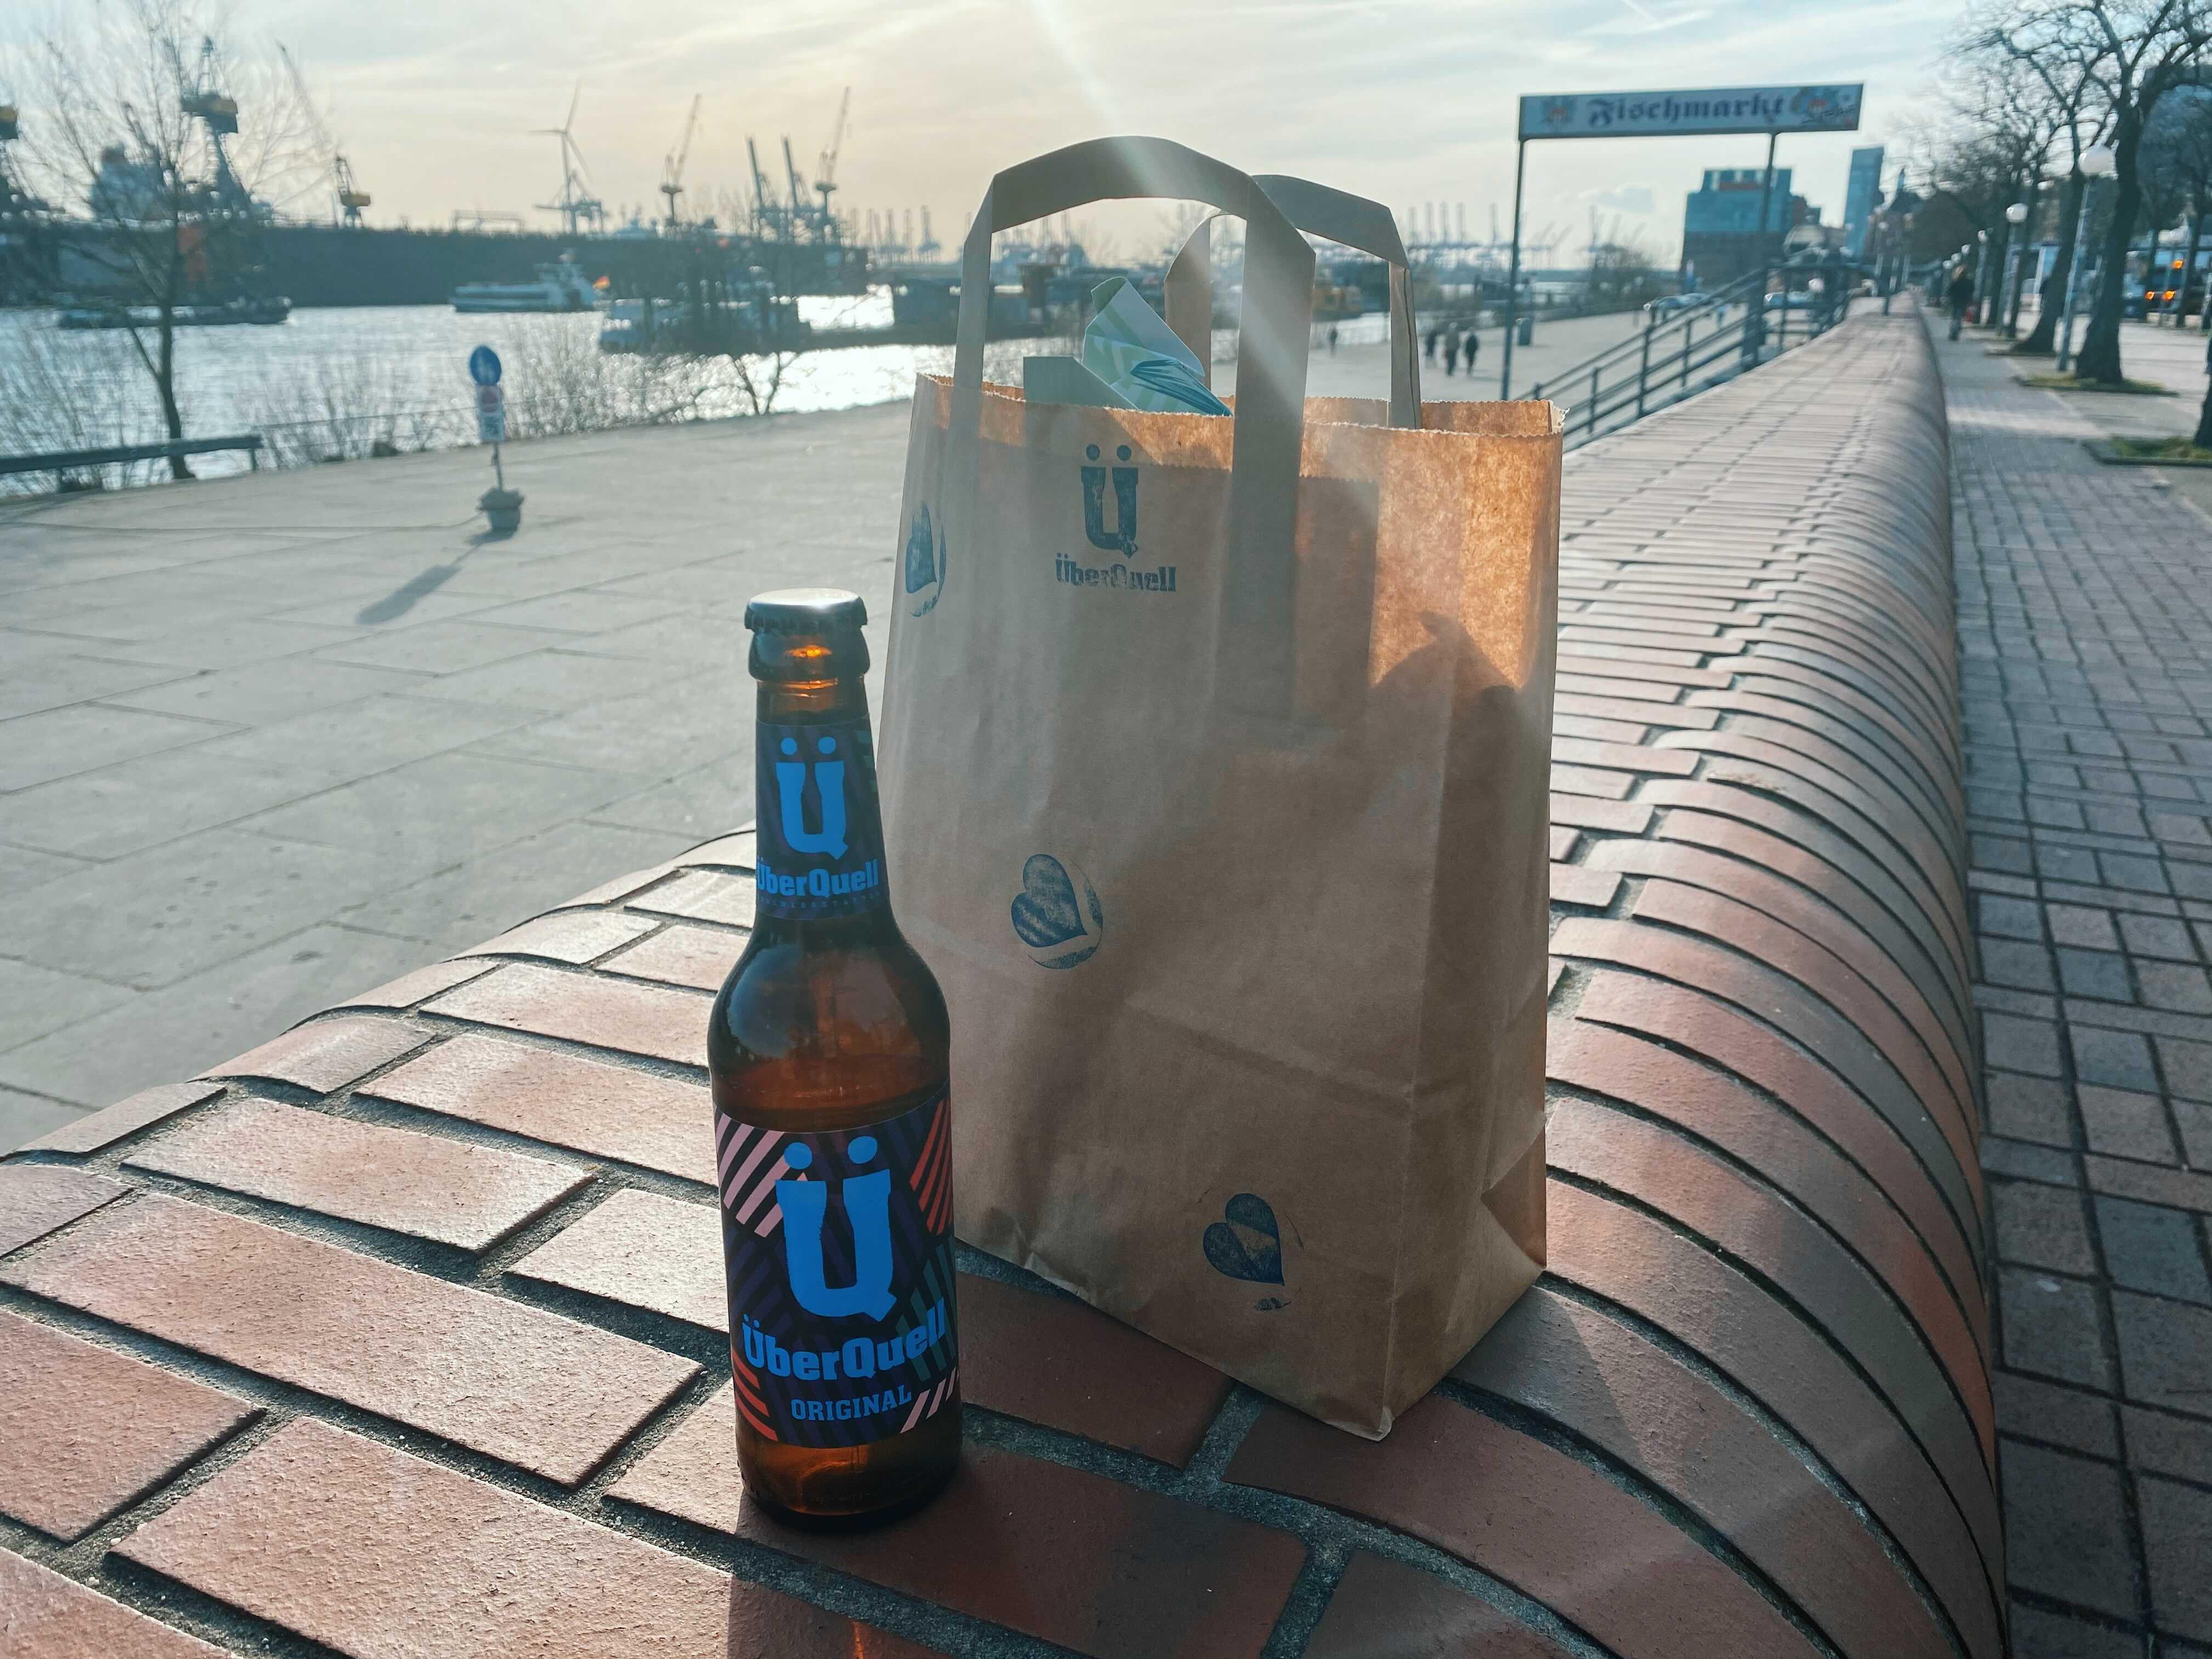 Lerne mit dem ÜberQuell alles über Bier und die passenden Snacks.